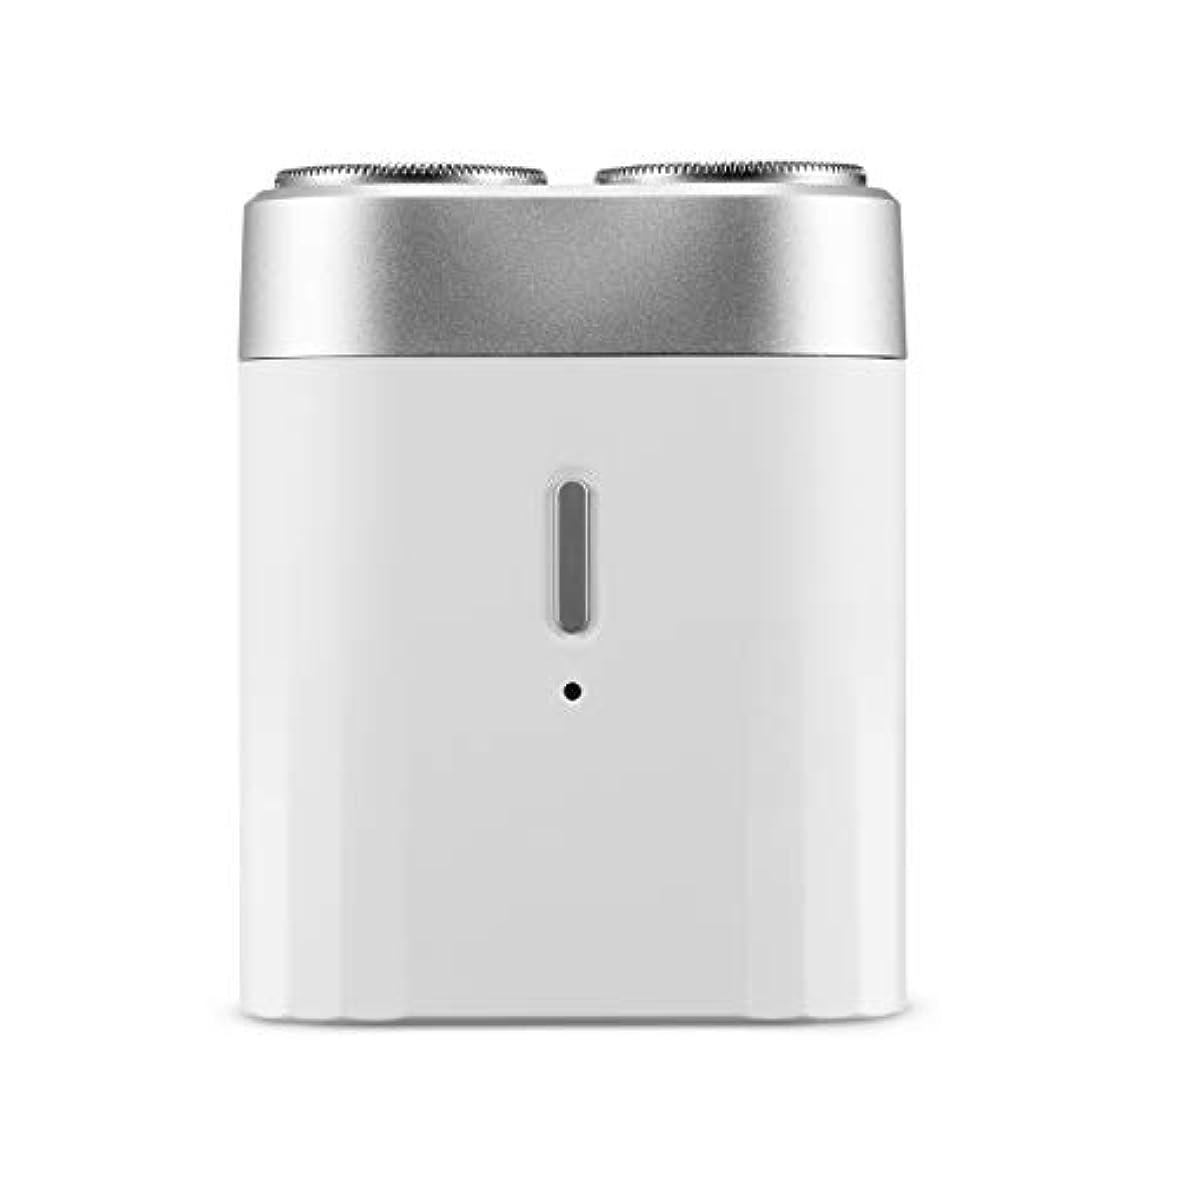 把握閲覧する敵対的ミニメン電気シェーバー、USBポータブルコードレスドライウェットトラベルカミソリ、ブラック